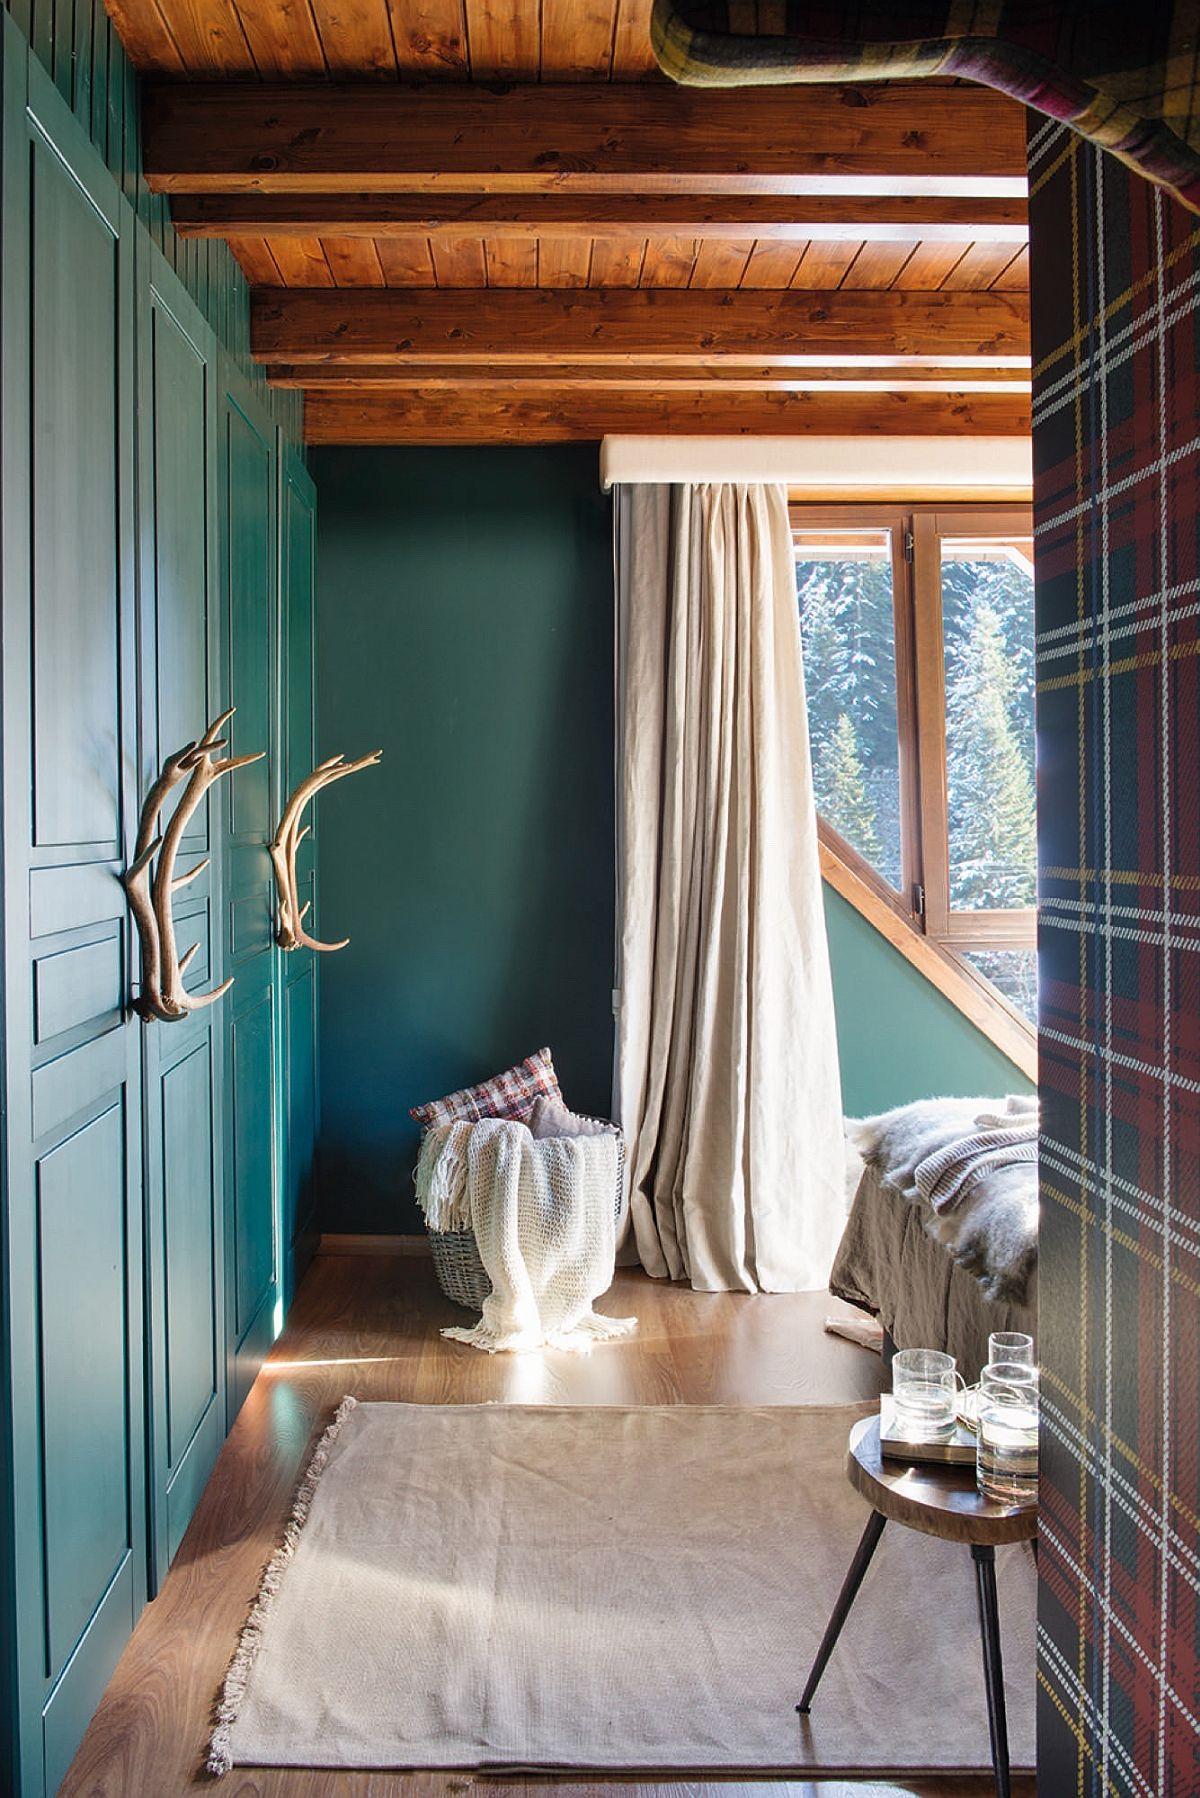 La etaj sunt dormitoarele, iar unul dintre ele, matrimonial, se remarcă prin prezența coarnelor de cerb pe post de mânere pentru dulapuri. Dar nu doar atât. Și combinația de culori și texturi este foarte plăcută, de la verdele închis al zugrăvelii la tapetul în carouri.